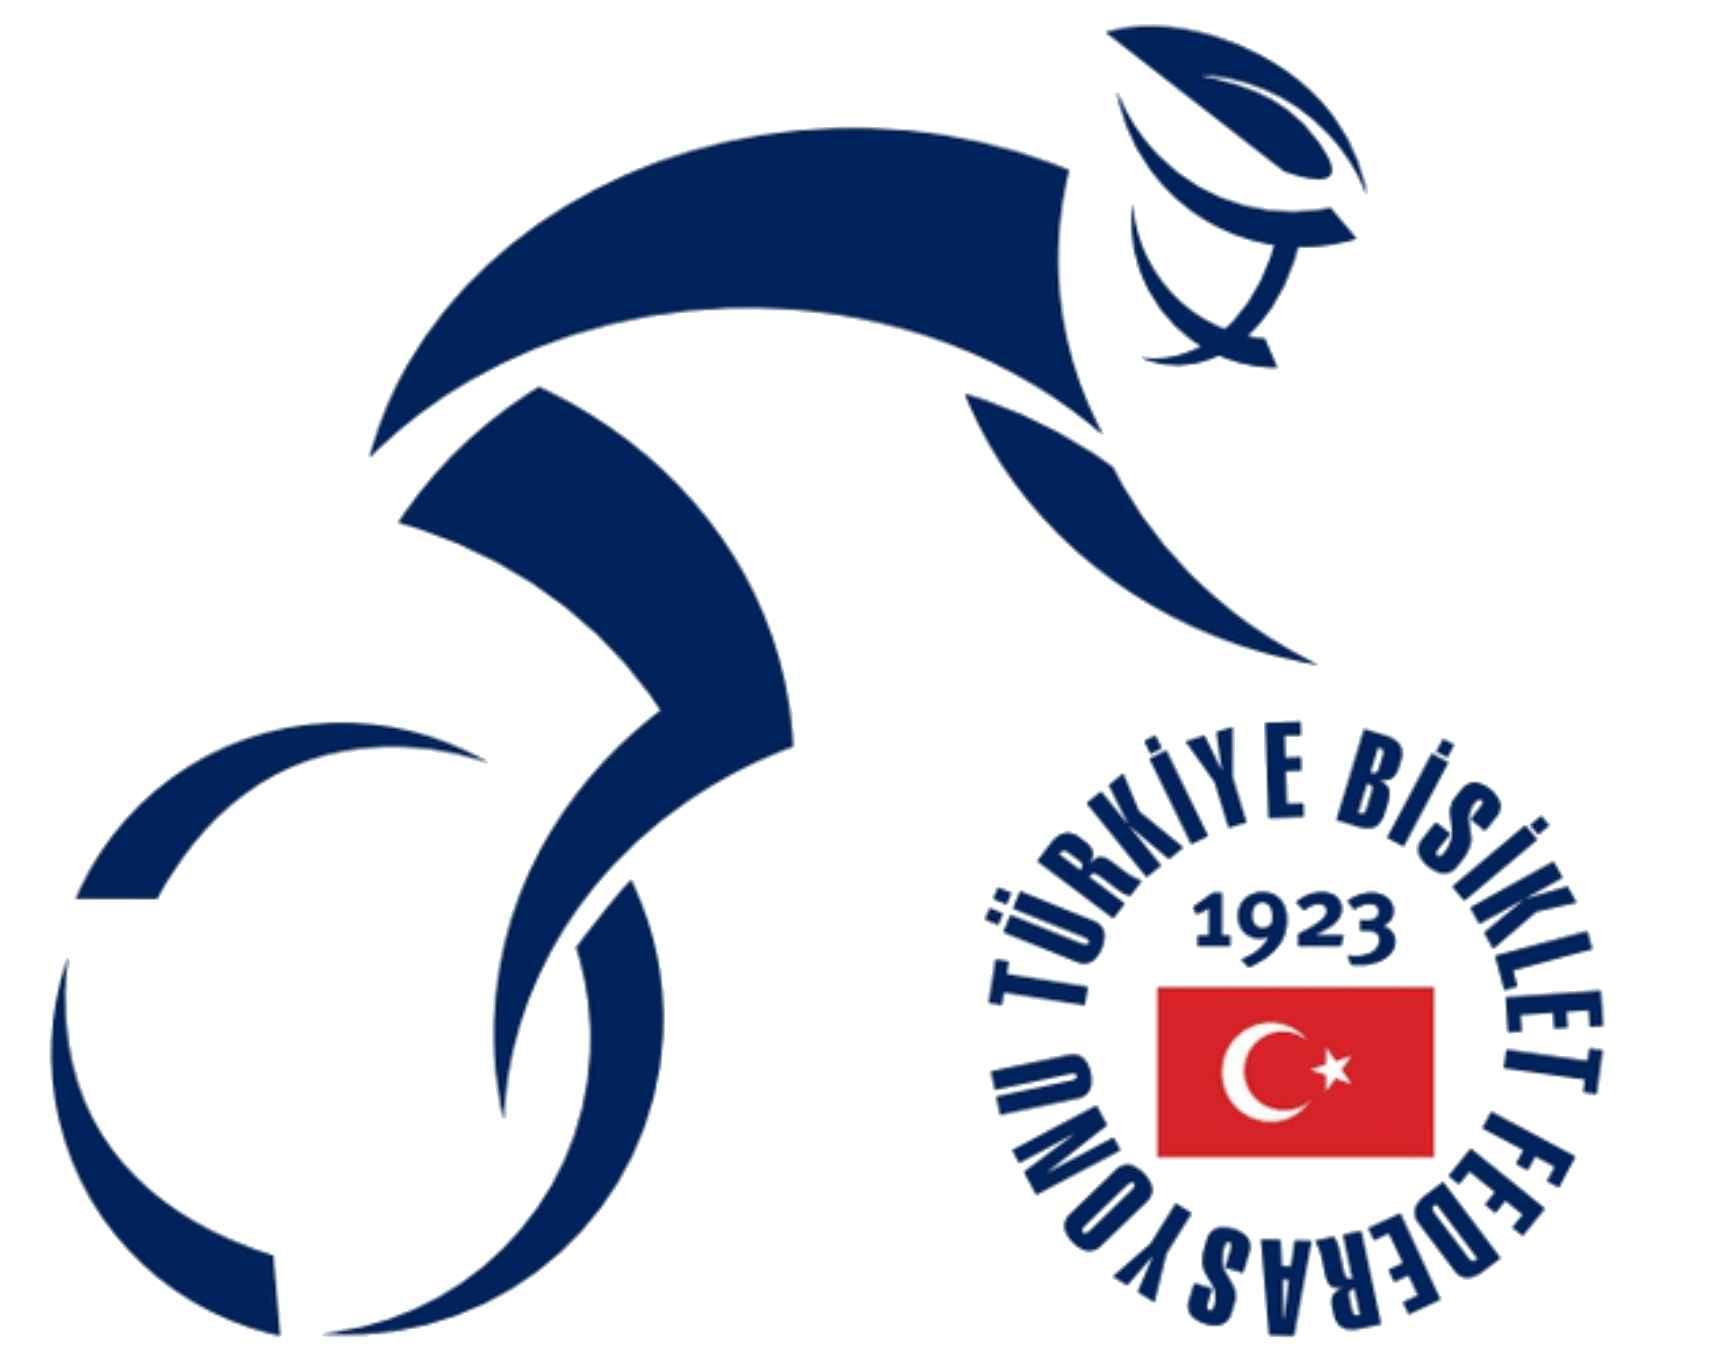 Türkiye Bisiklet Federasyonu Logosu png